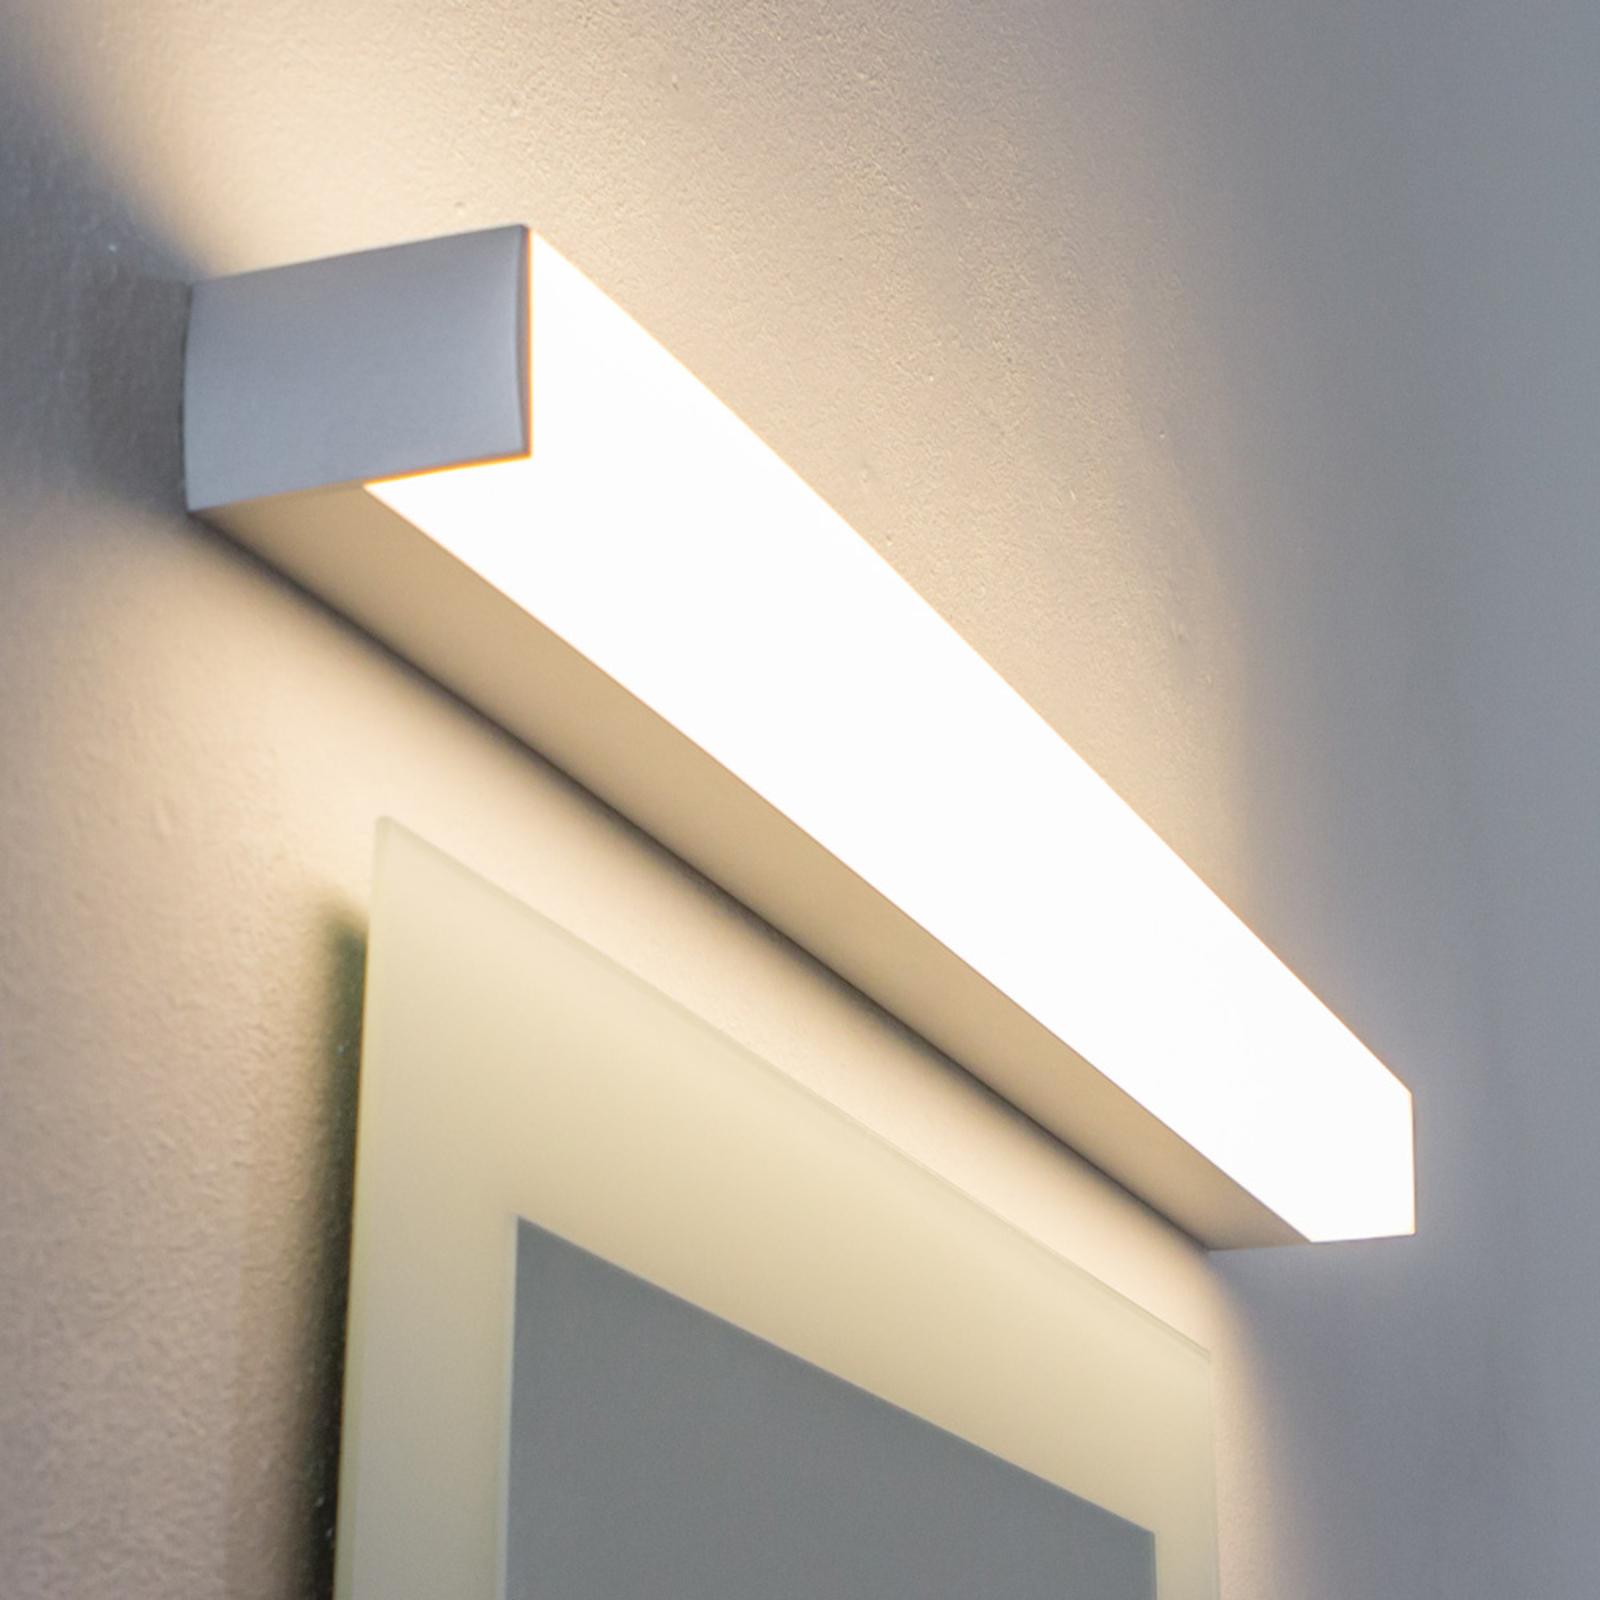 LED-Wandleuchte Seno für Spiegel im Bad 53,6 cm